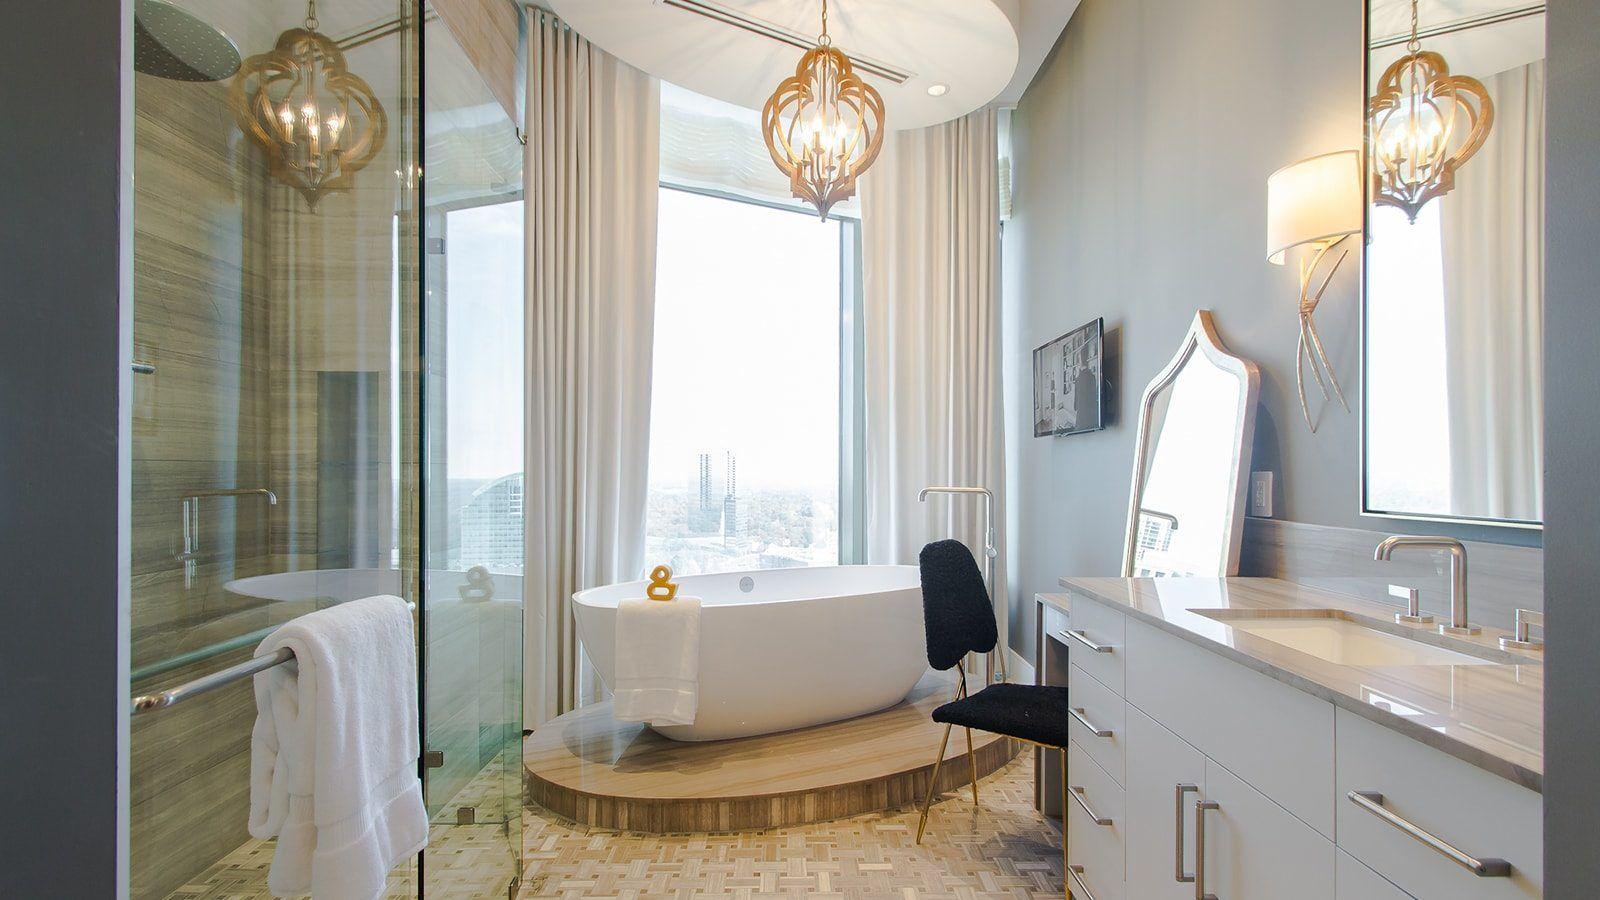 10 Gorgeous Bathroom Interior Design Ideas   Bathroom Beauty ...